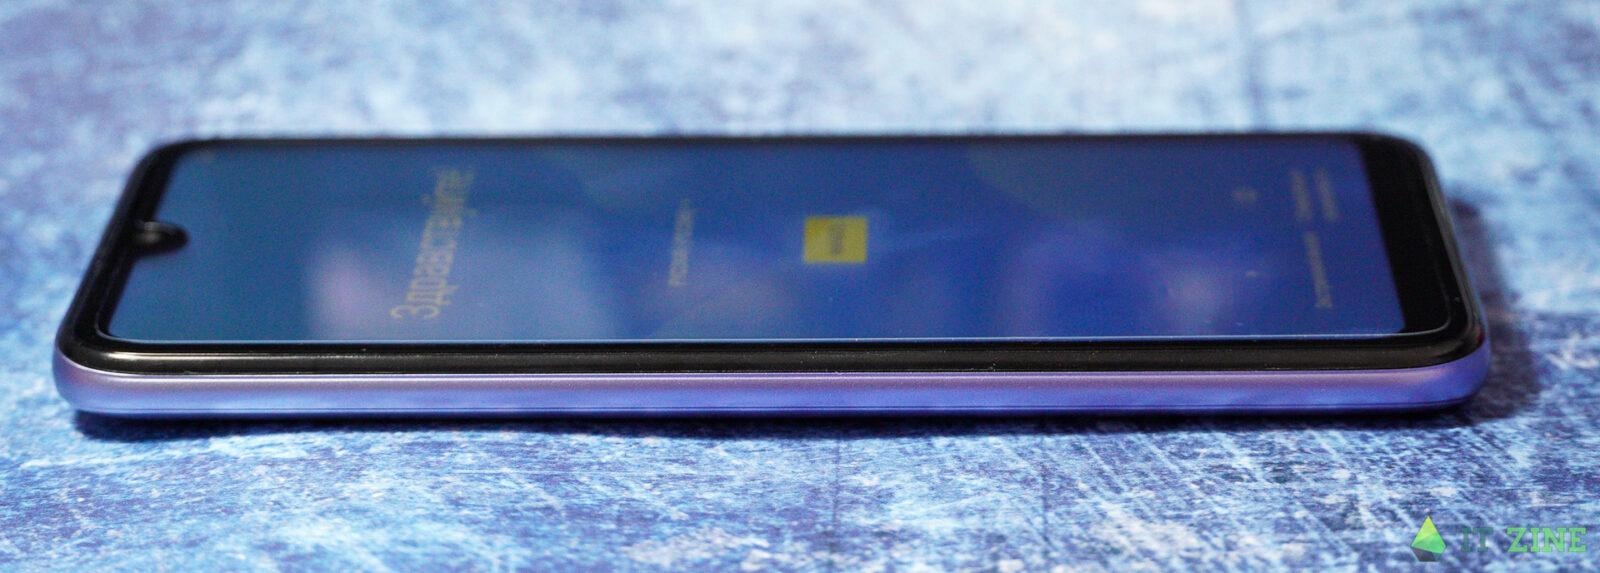 Обзор Itel A48: недорогой смартфон с LTE для школьников (itel A48 07)